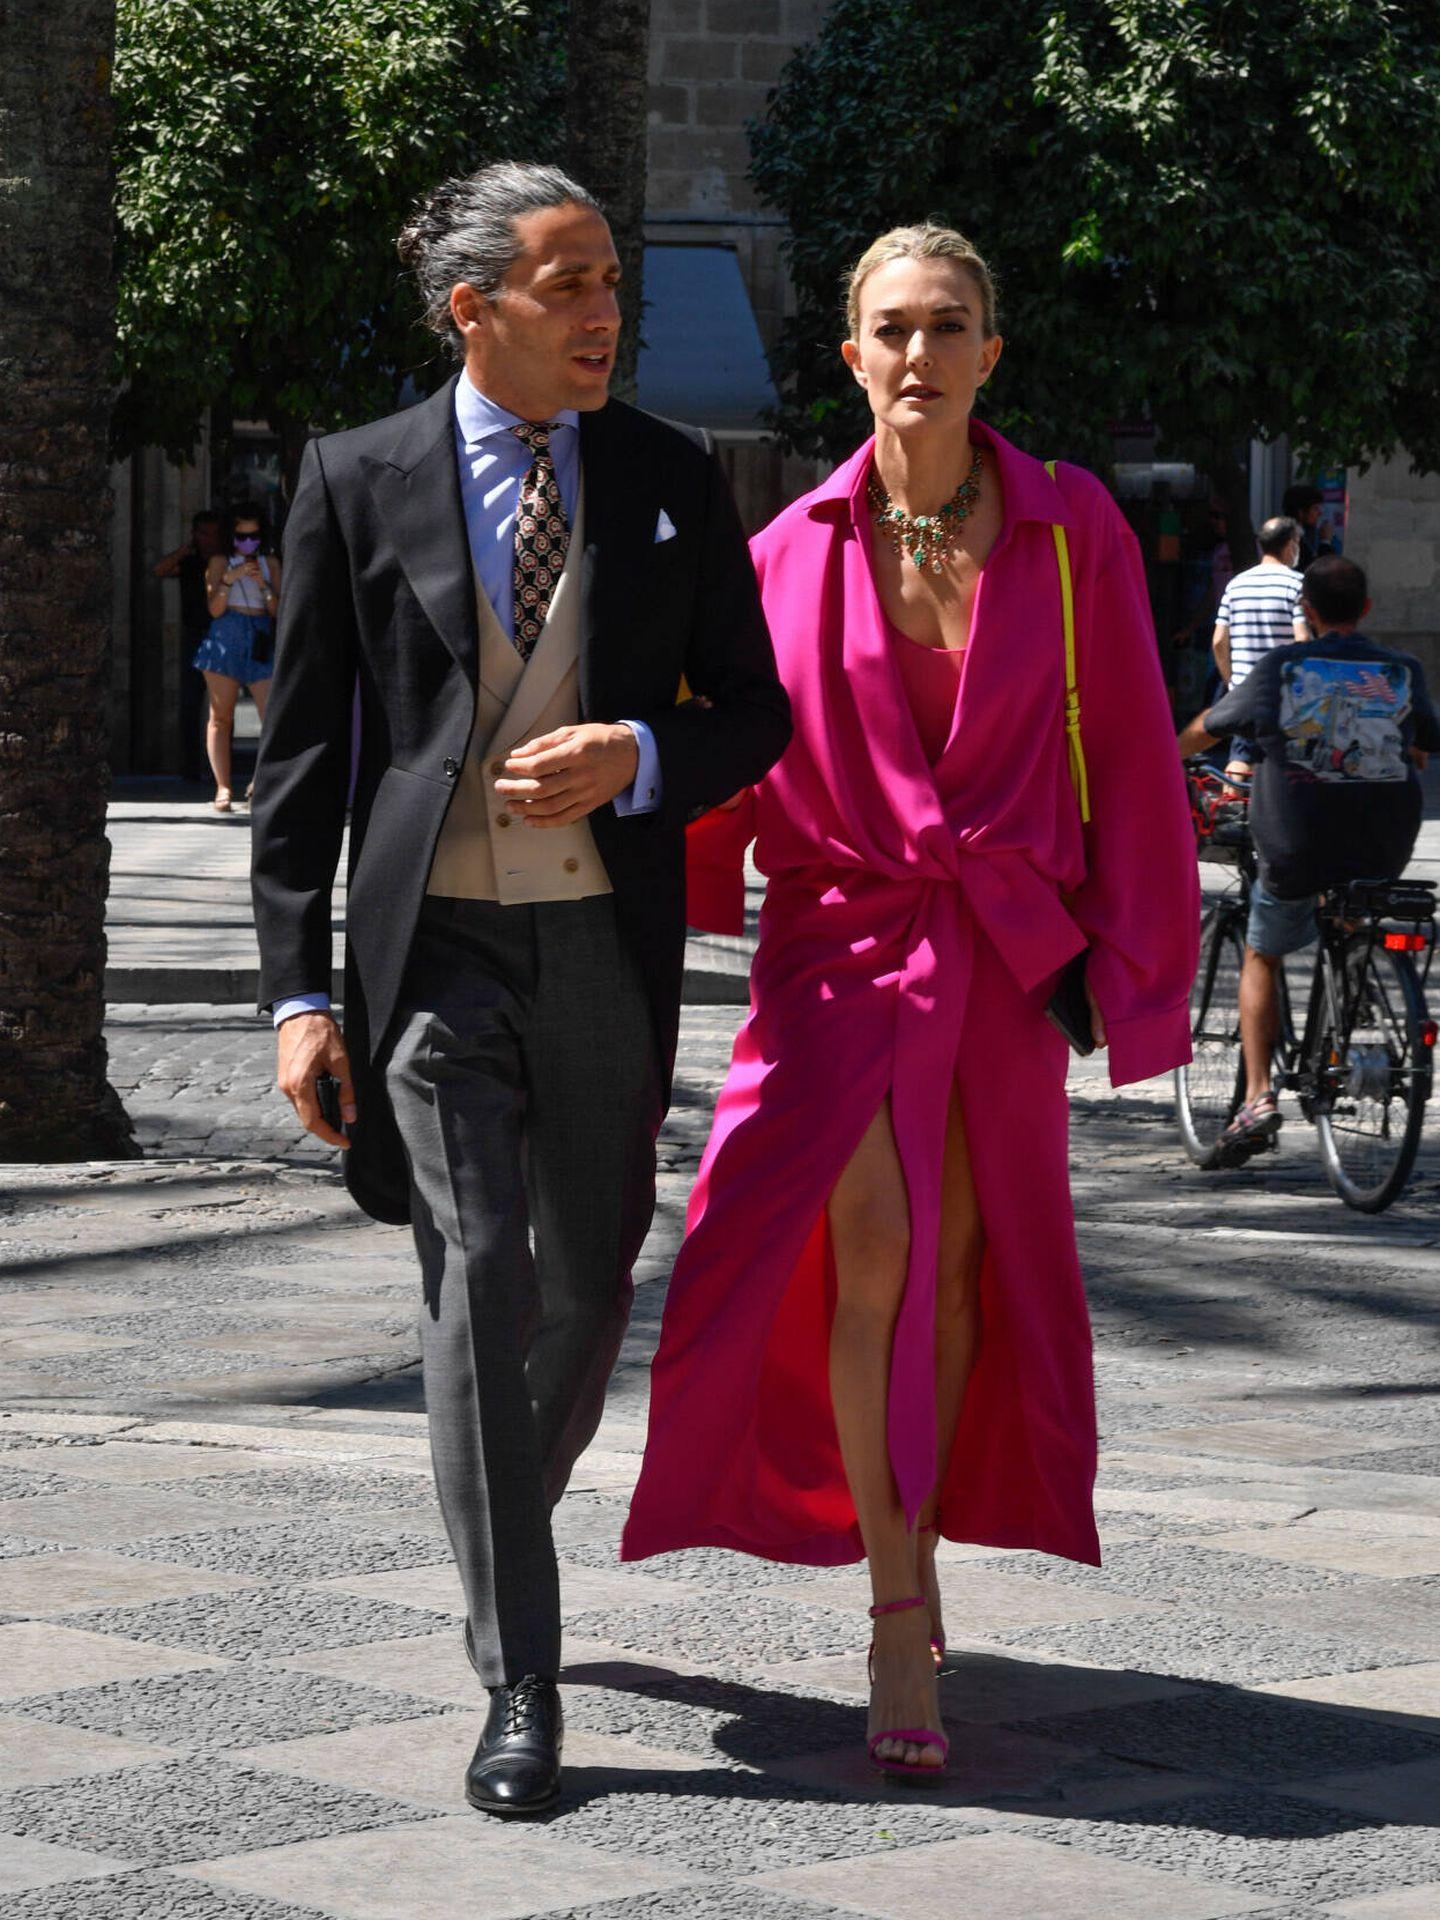 Carlos Torretta y Marta Ortega, en la boda de Carlos Cortina y Carla Vega-Penichet. (Gtres)